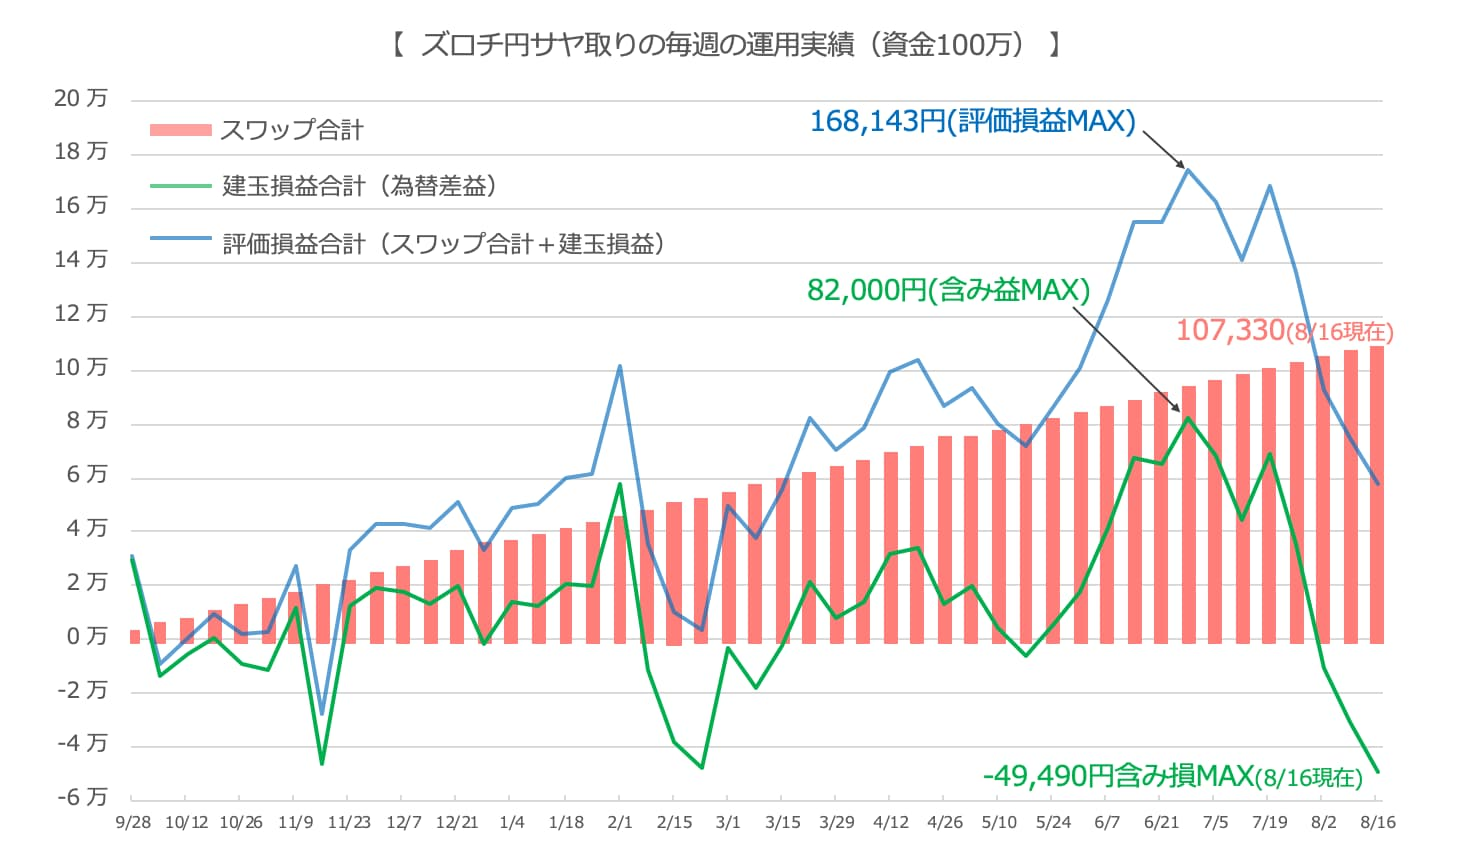 ズロチユーロの推移(グラフ)